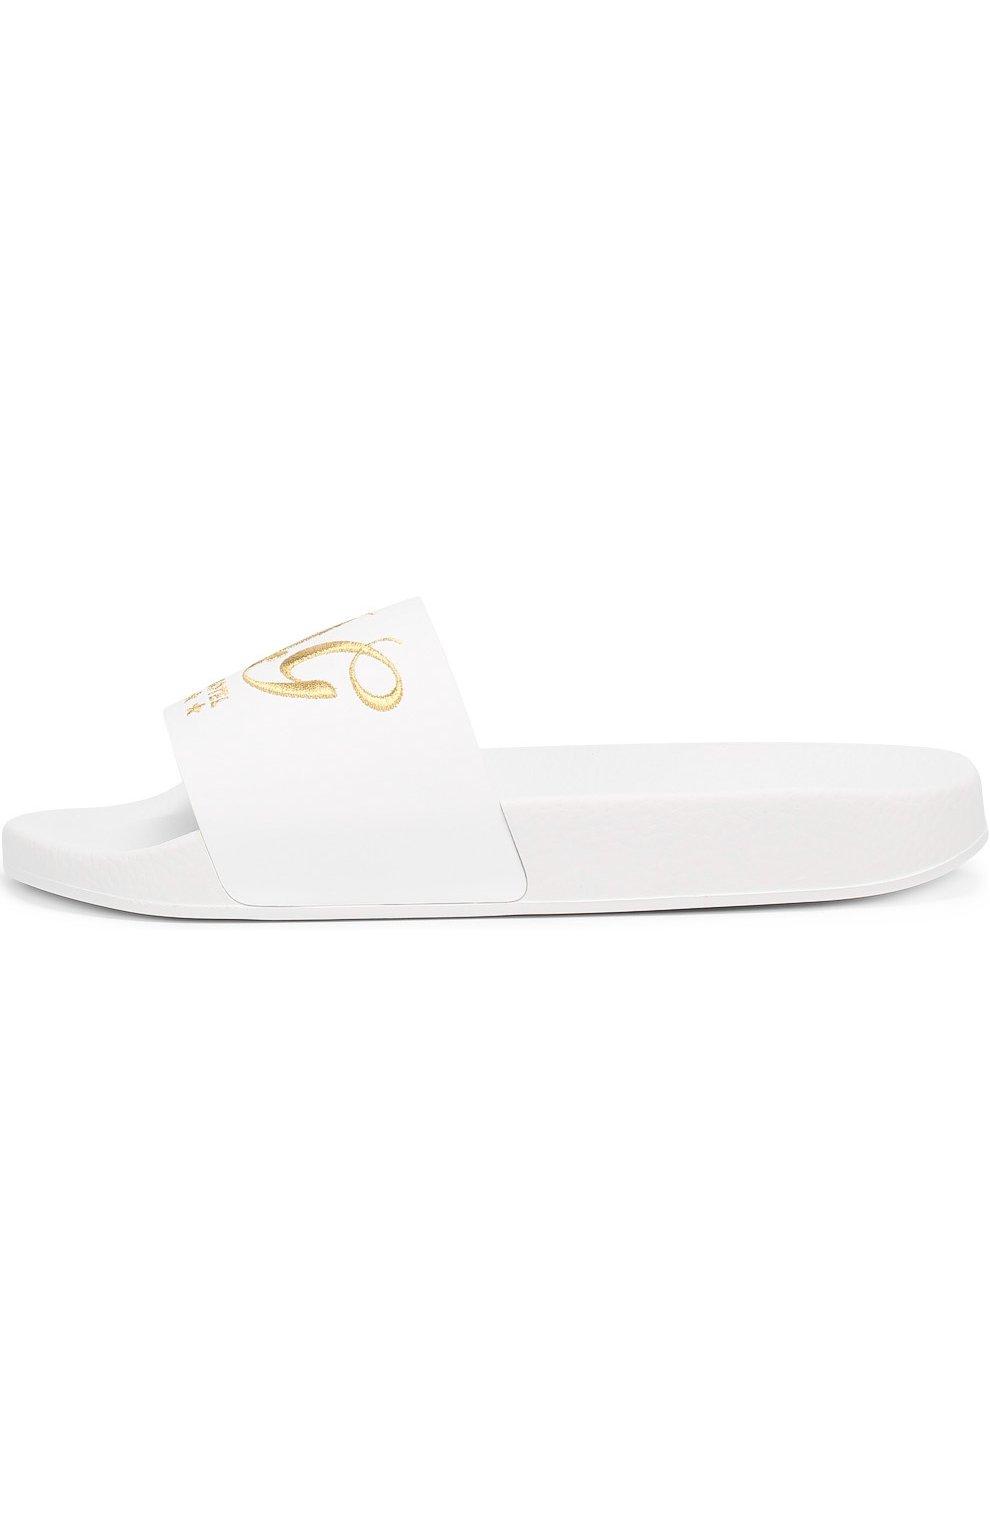 Кожаные шлепанцы с вышивкой Dolce & Gabbana белые   Фото №3